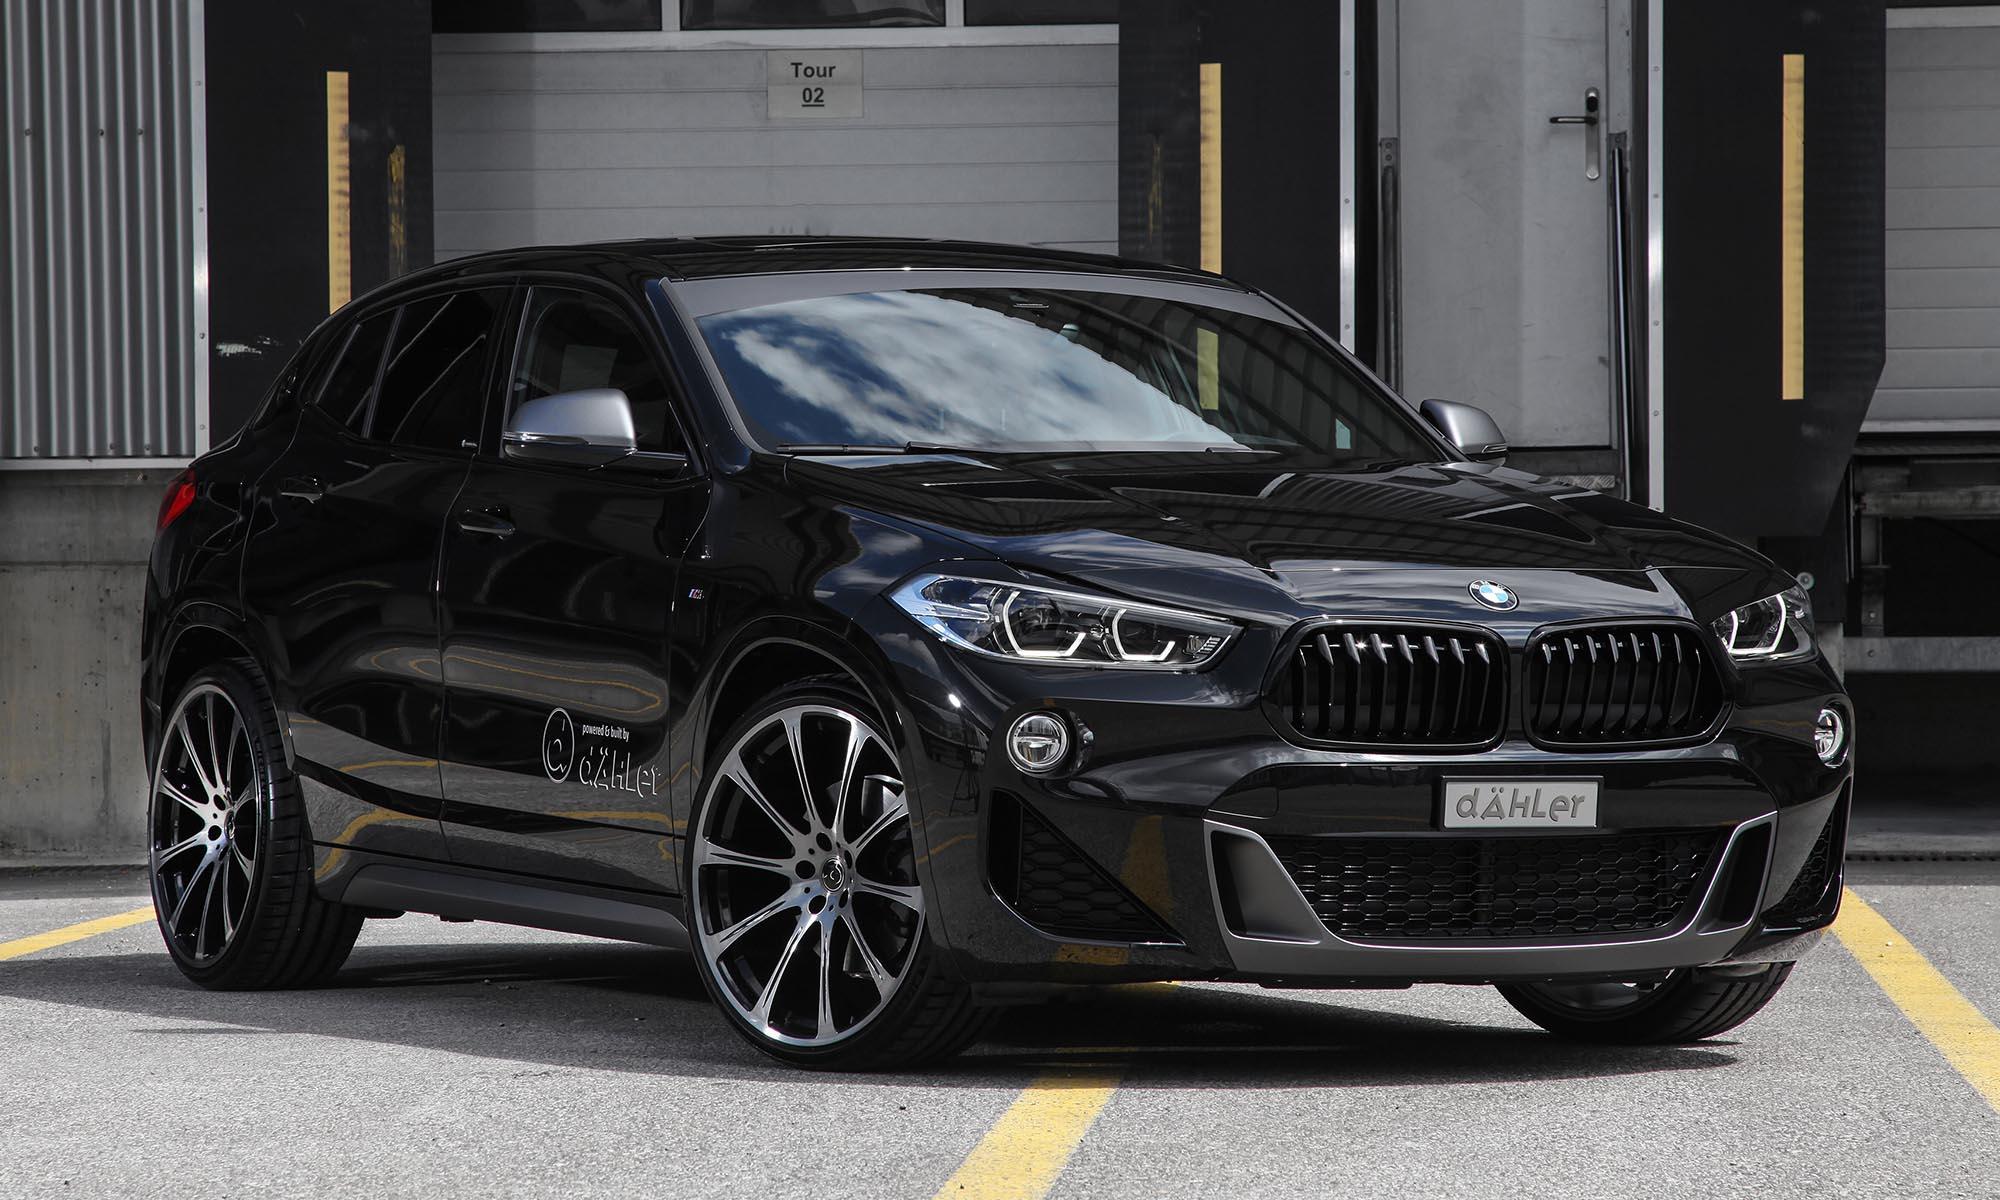 A legkisebb BMW kupéterepjárónak is jól áll a fekete | Az ...